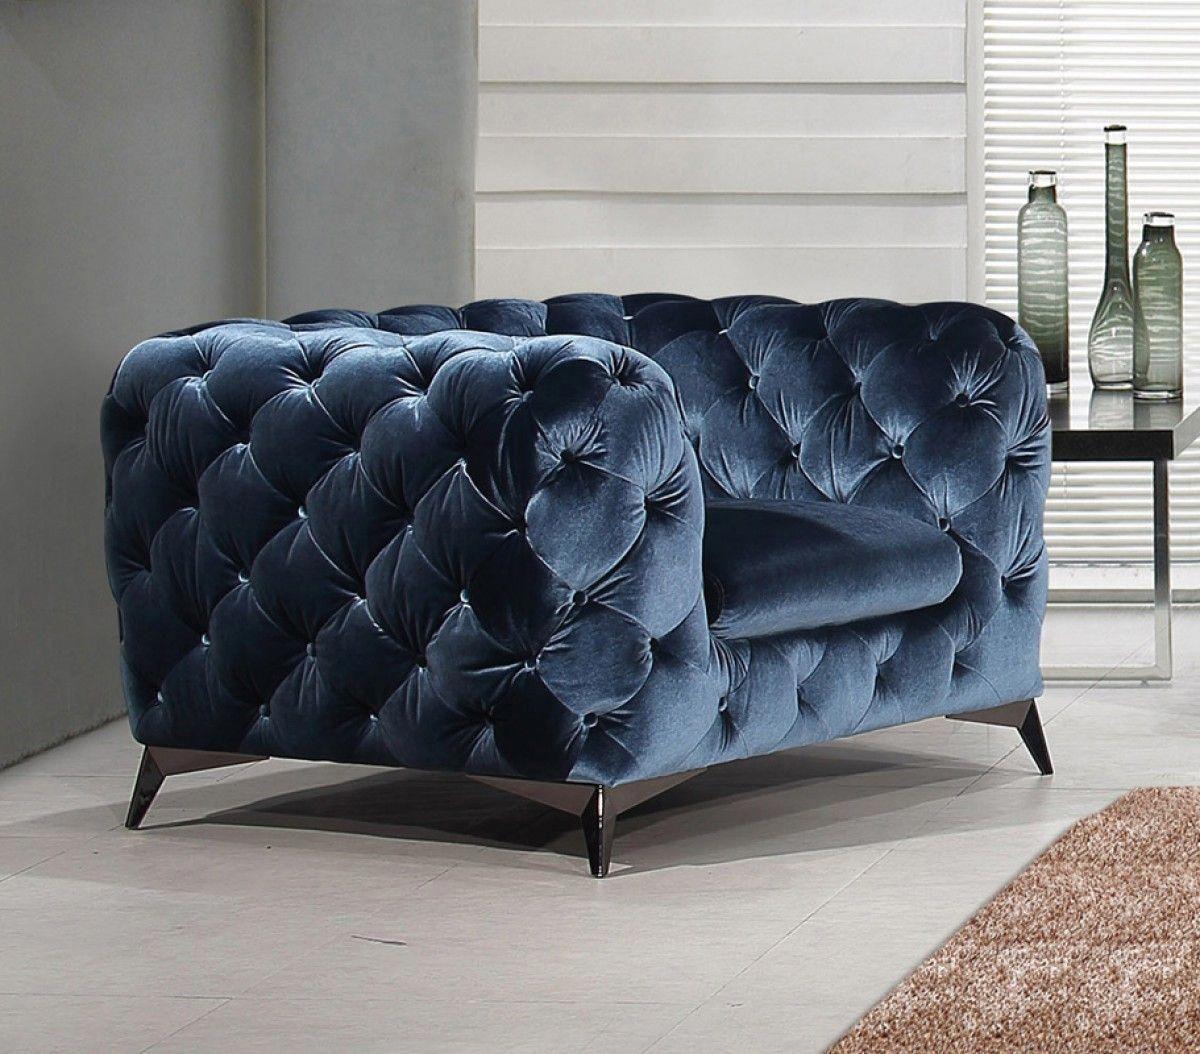 Fabricchairs Blue Fabric Chairs Blue Fabric Armchair Blue Fabric Sofa